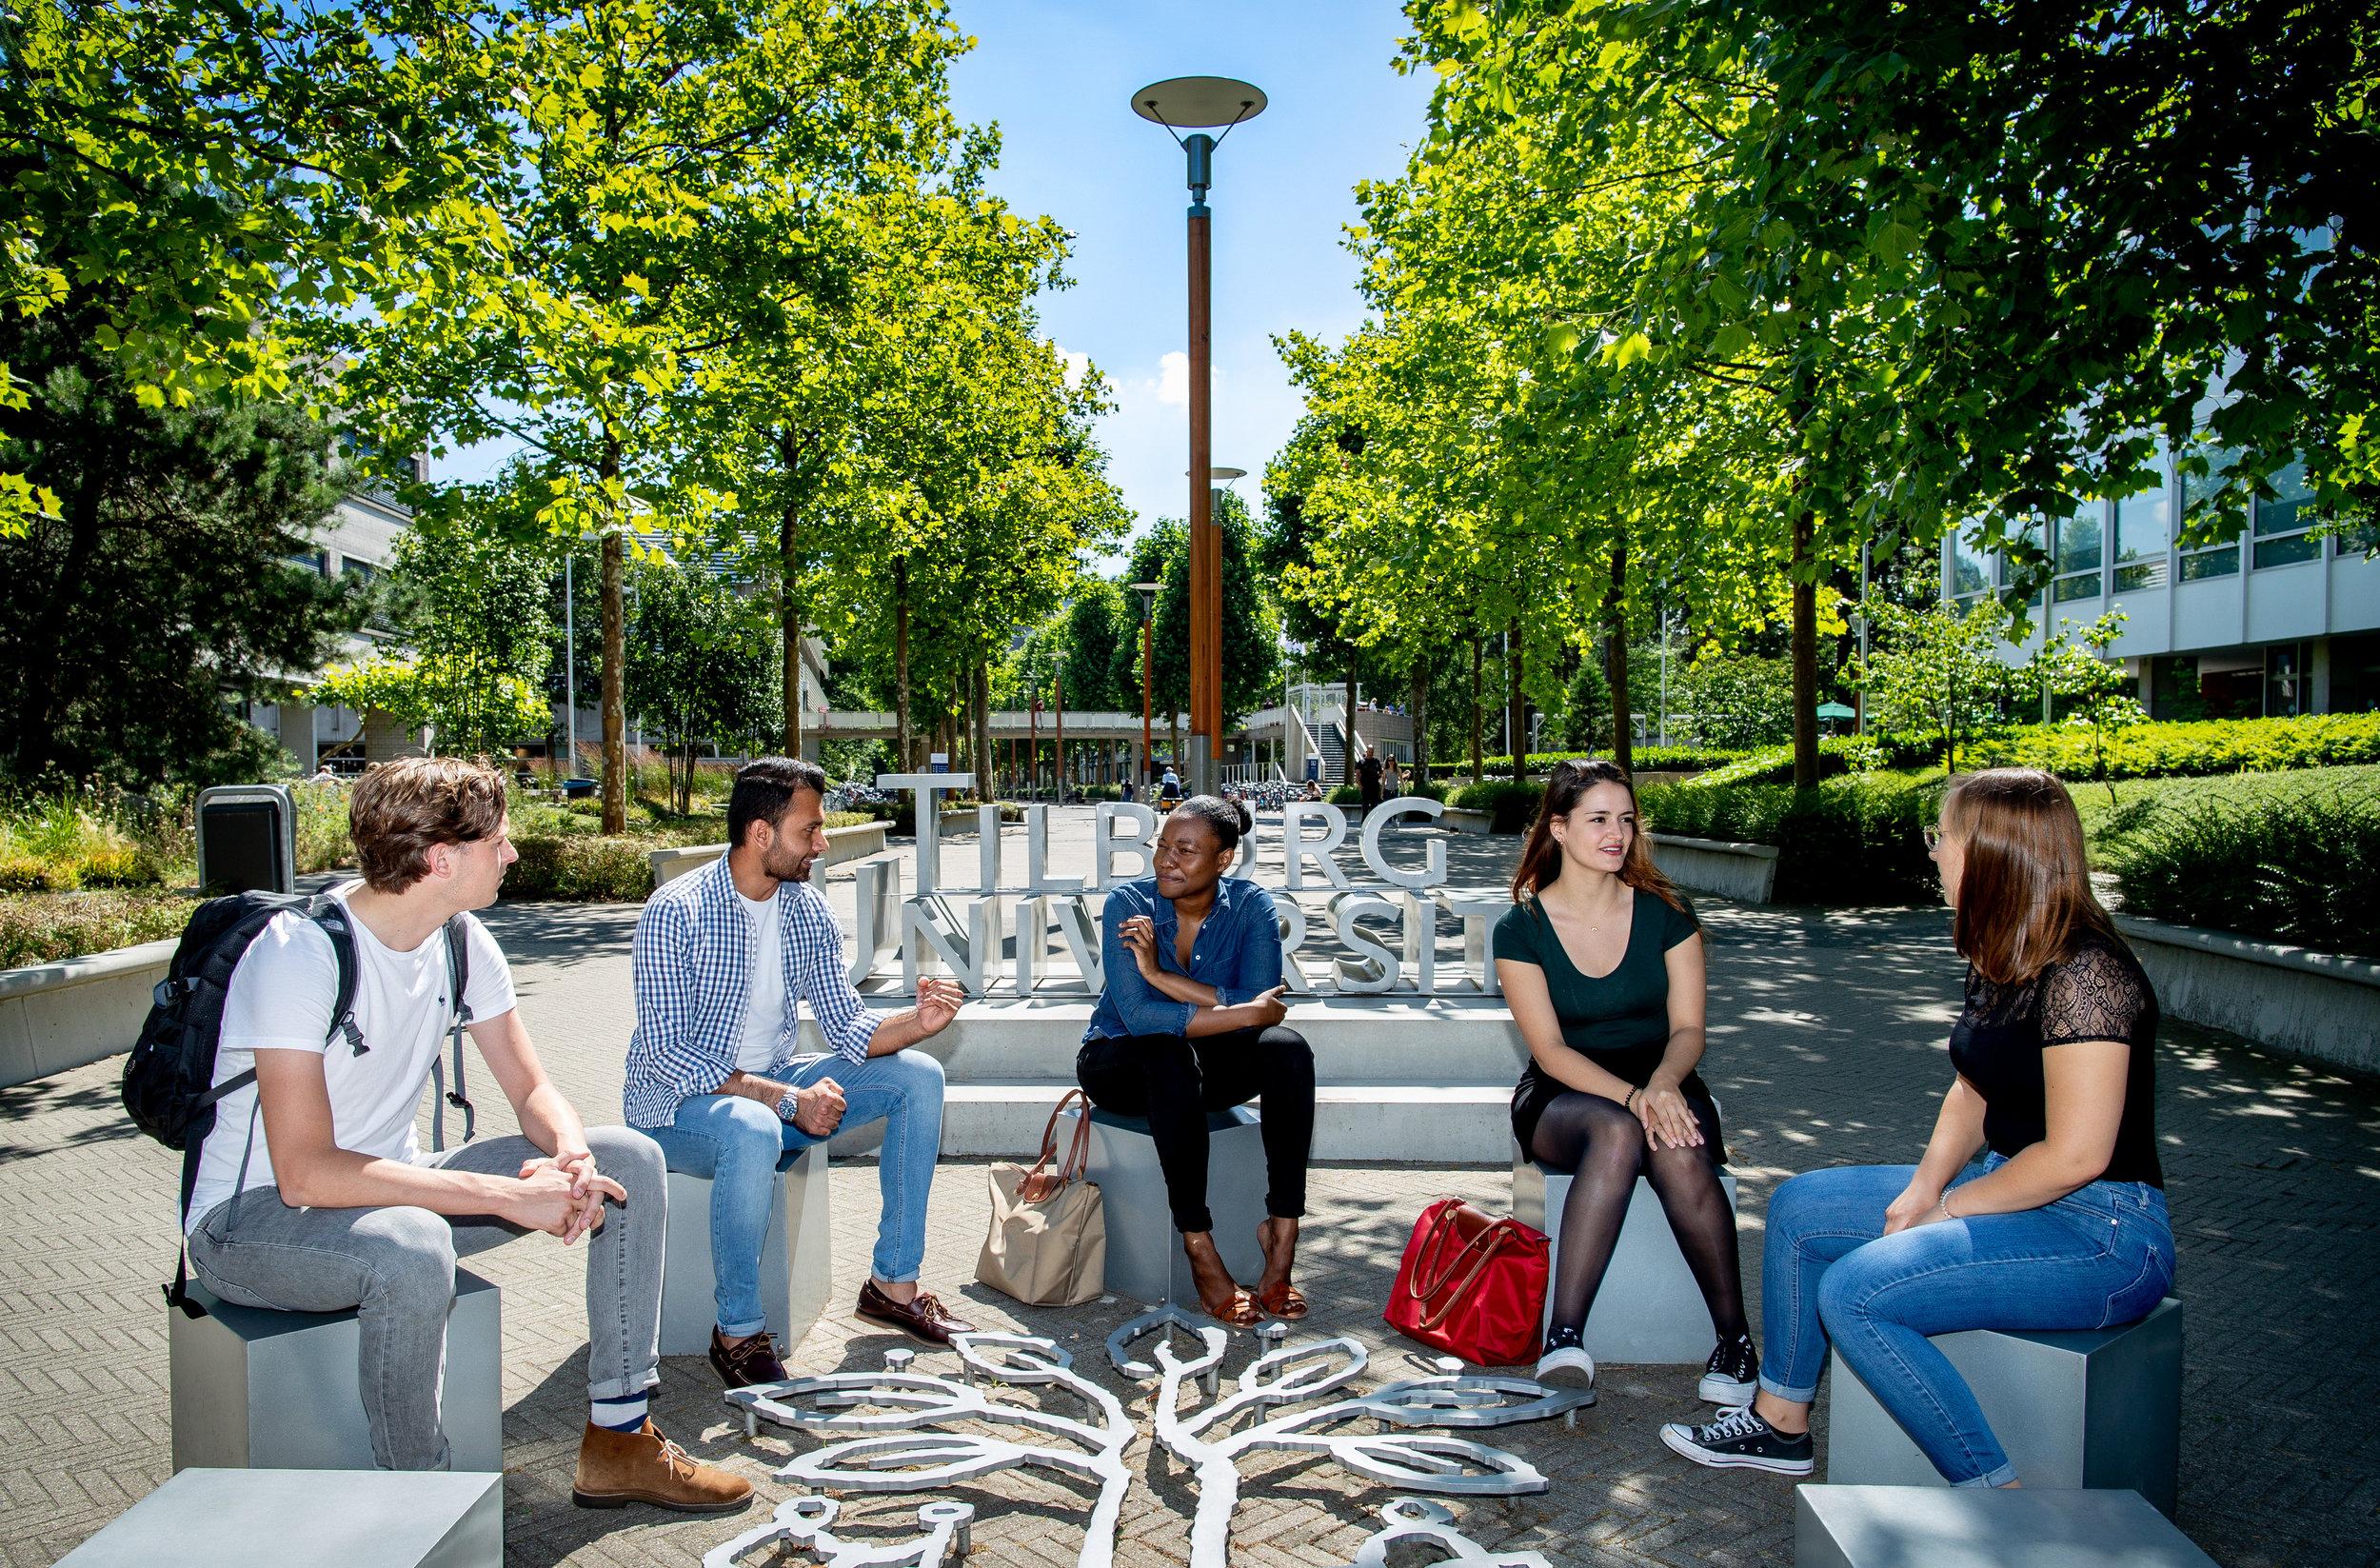 Tilburg University 20180628 - 03.jpg